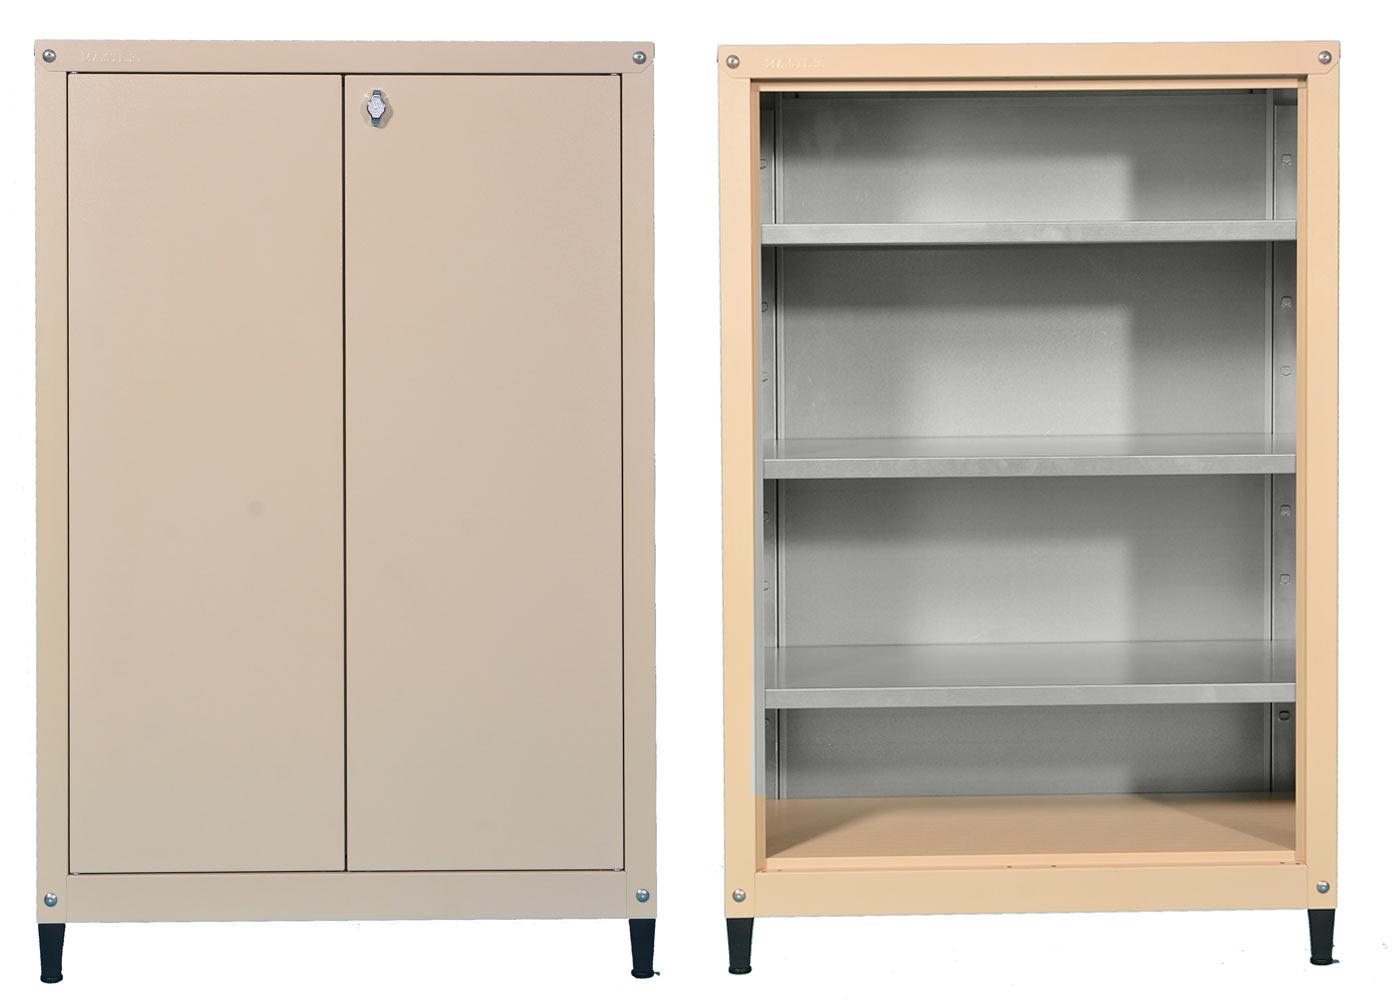 Cucina Ikea Profondità 40 | Ikea Cucina Profondità 50 Cm Tavoli A ...